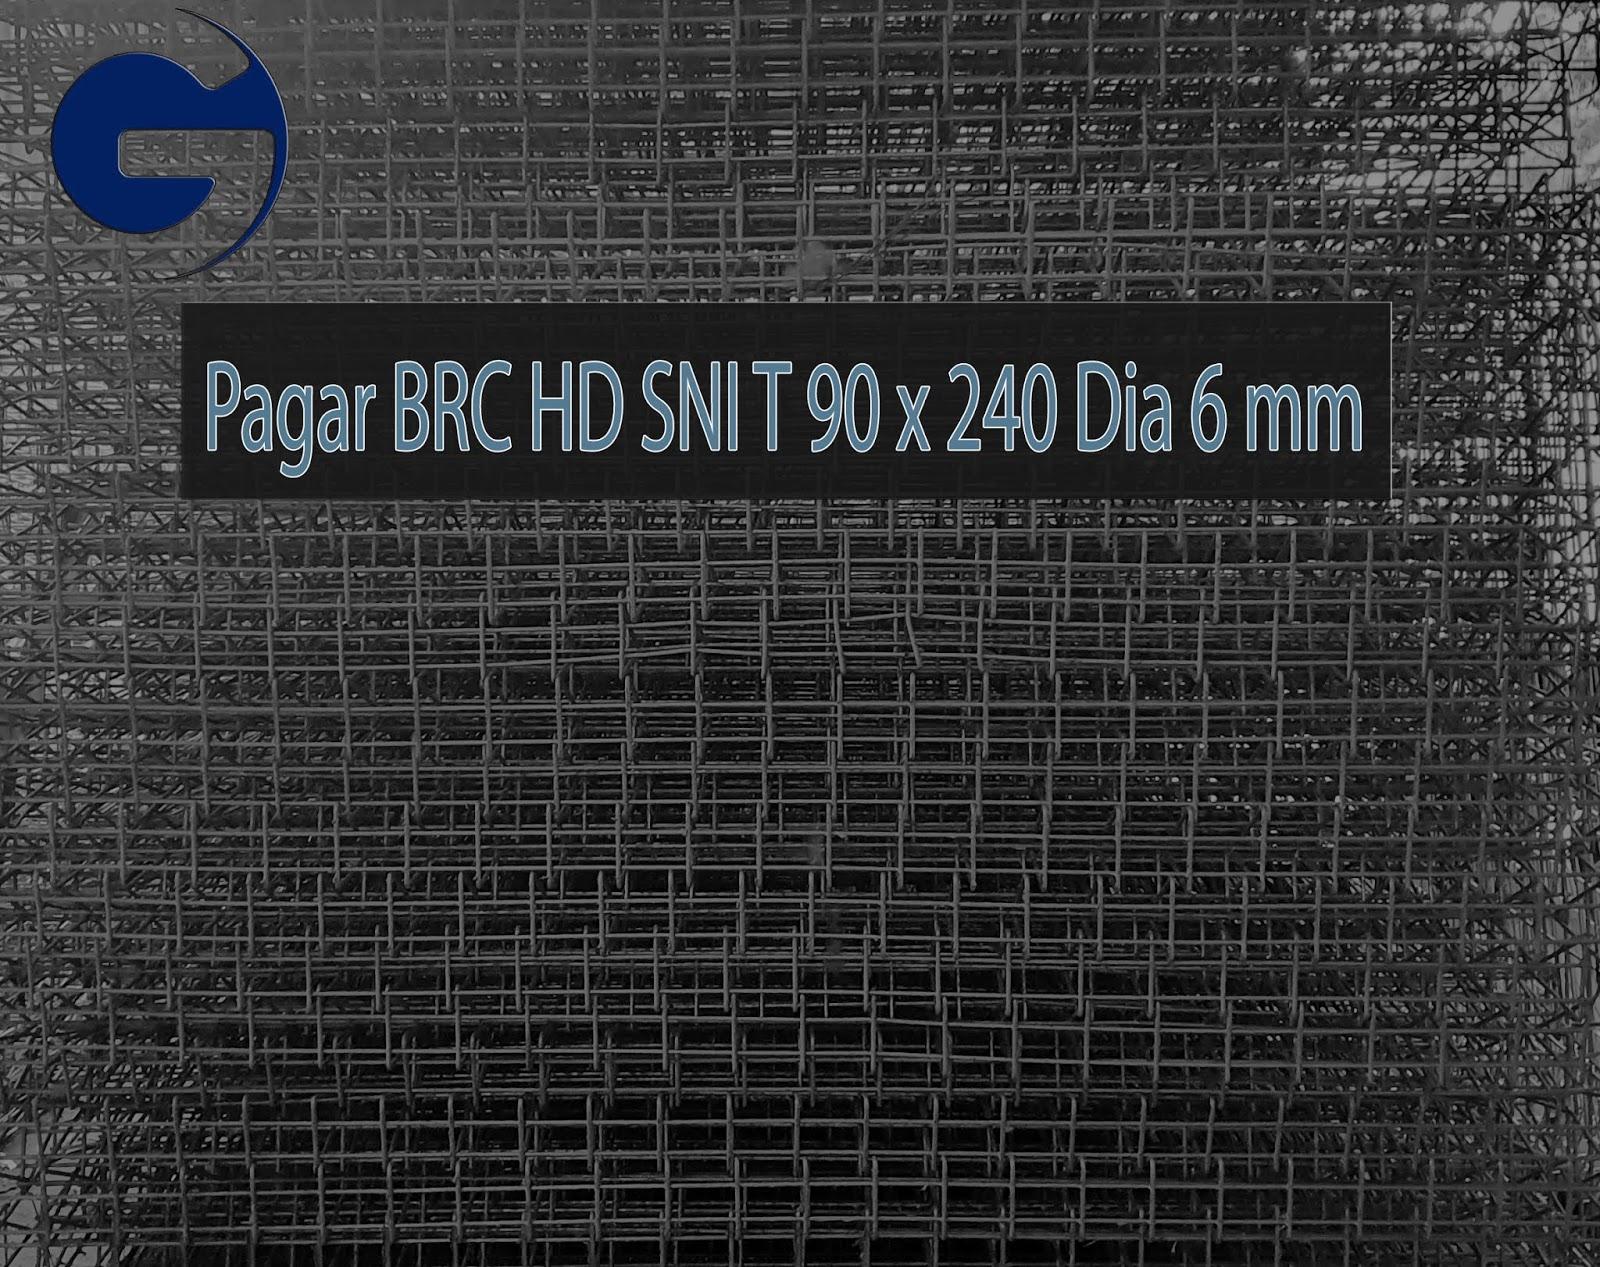 Jual Pagar BRC HD SNI T 90 x 240 Dia 6 mm